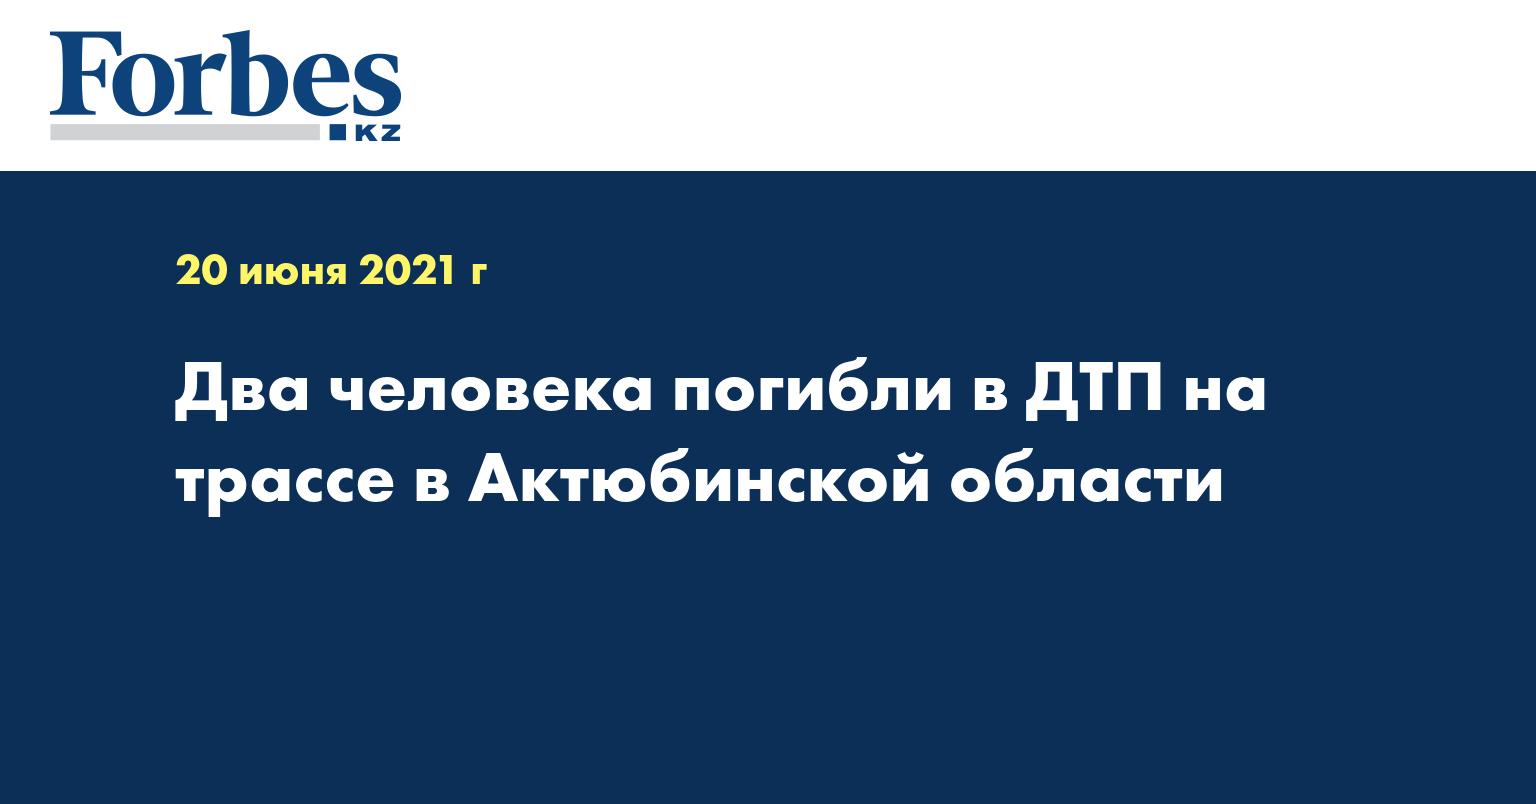 Два человека погибли в ДТП на трассе в Актюбинской области